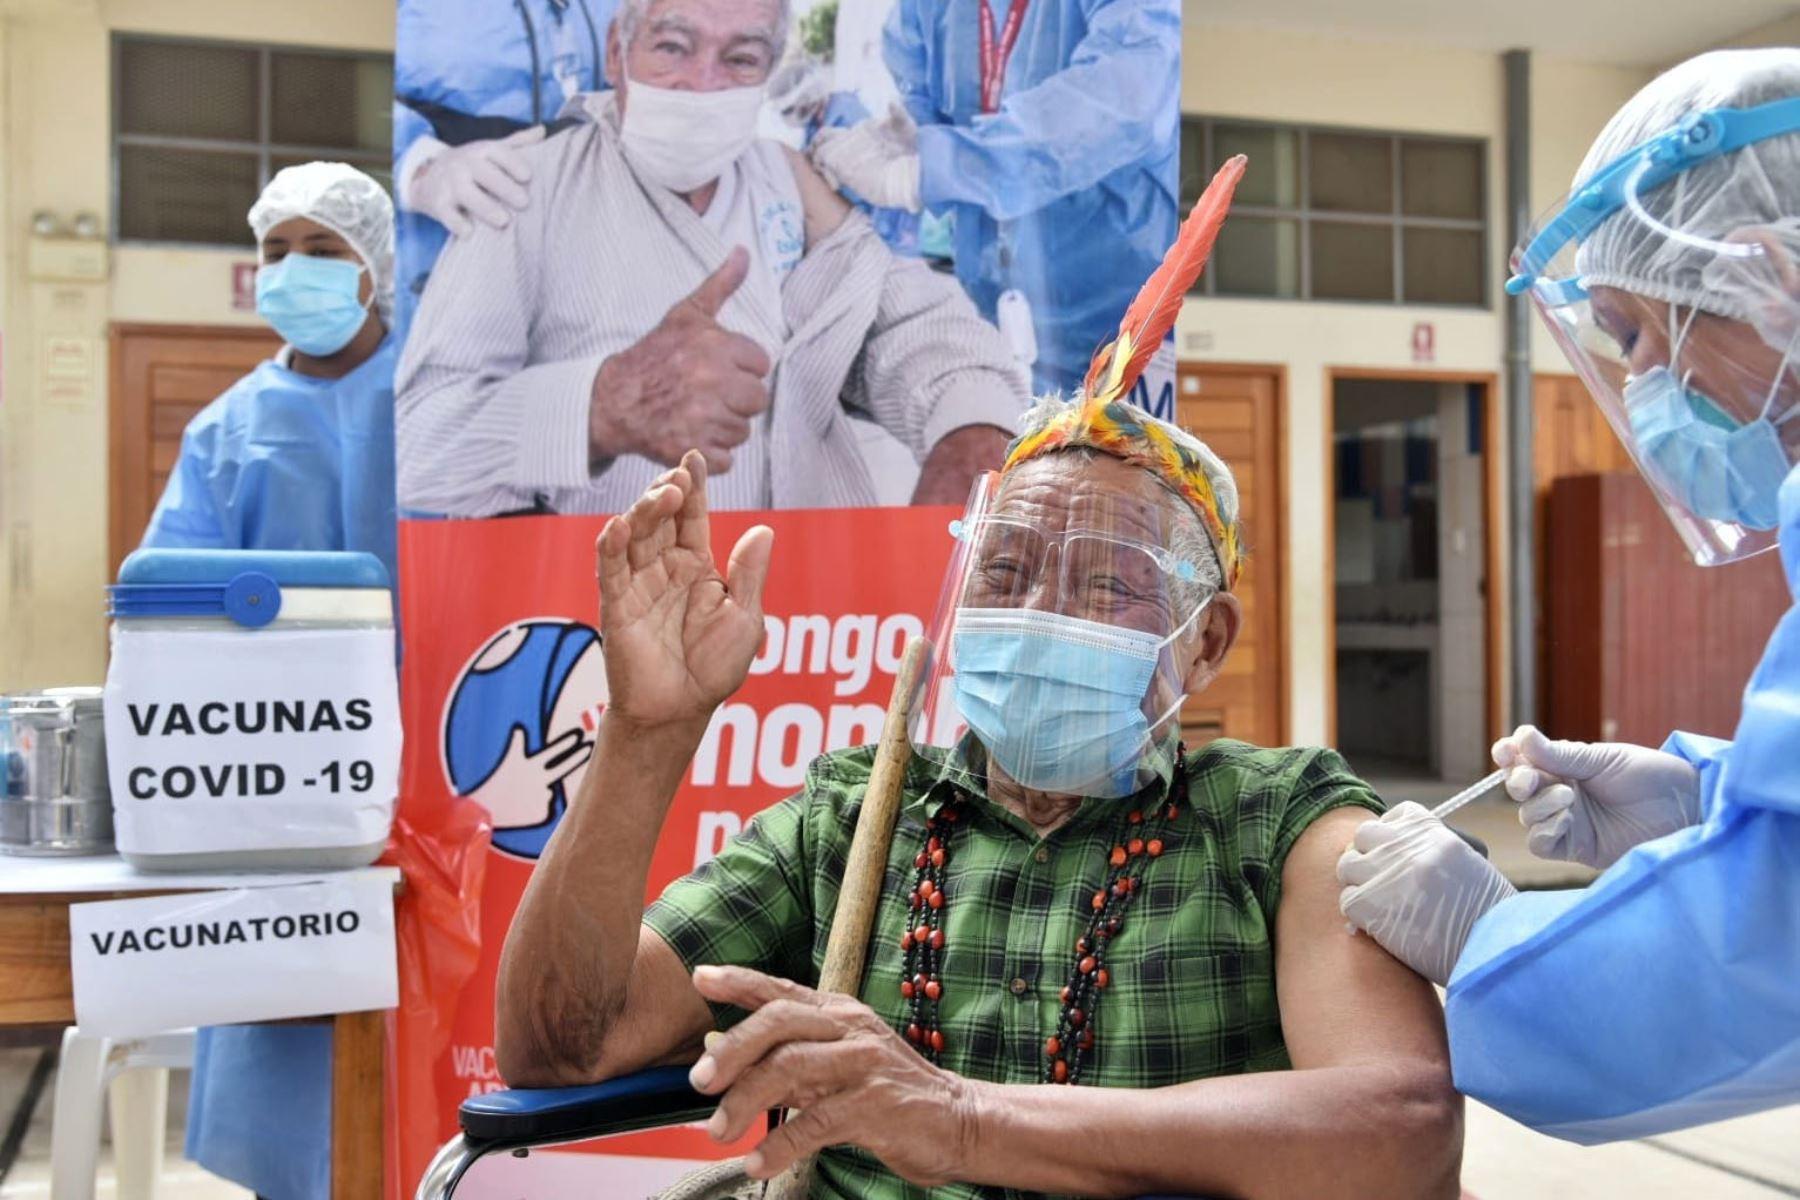 El líder indígena del pueblo Harakbut Antonio Sueyo, de 82 años, fue uno de los primeros en recibir la primera dosis de la vacuna contra el covid-19 en Madre de Dios.  Foto: Gore Madre de Dios